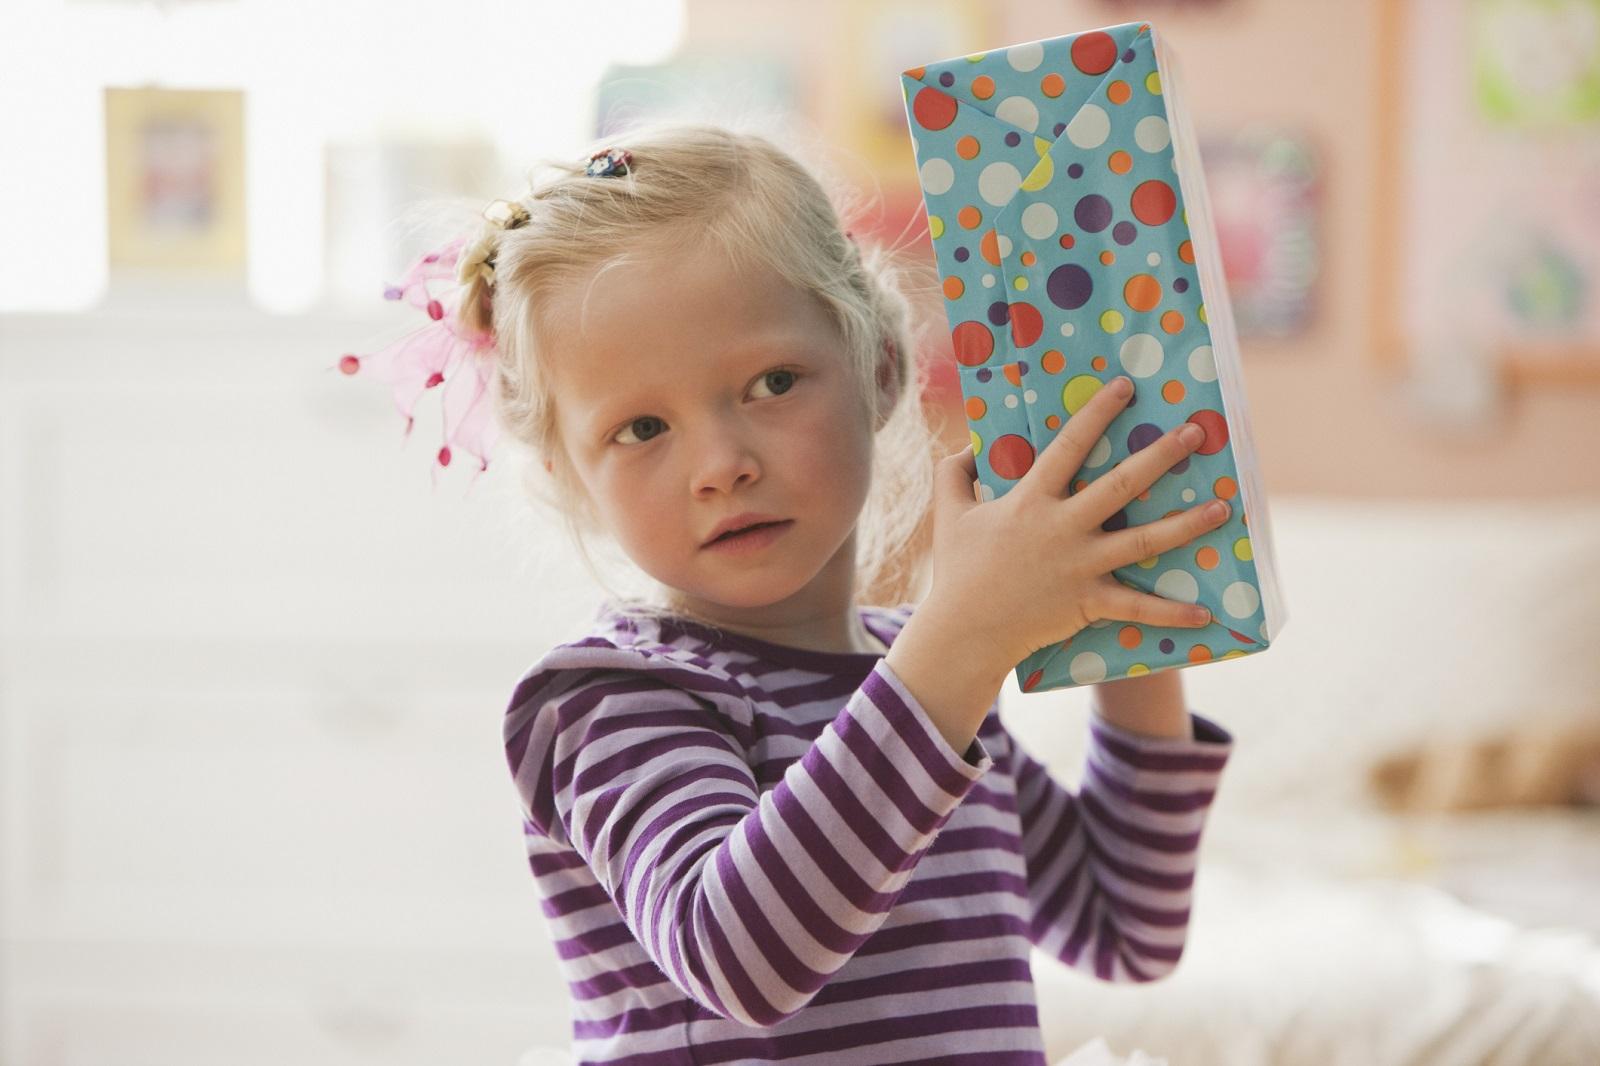 dziewczynka z prezentem